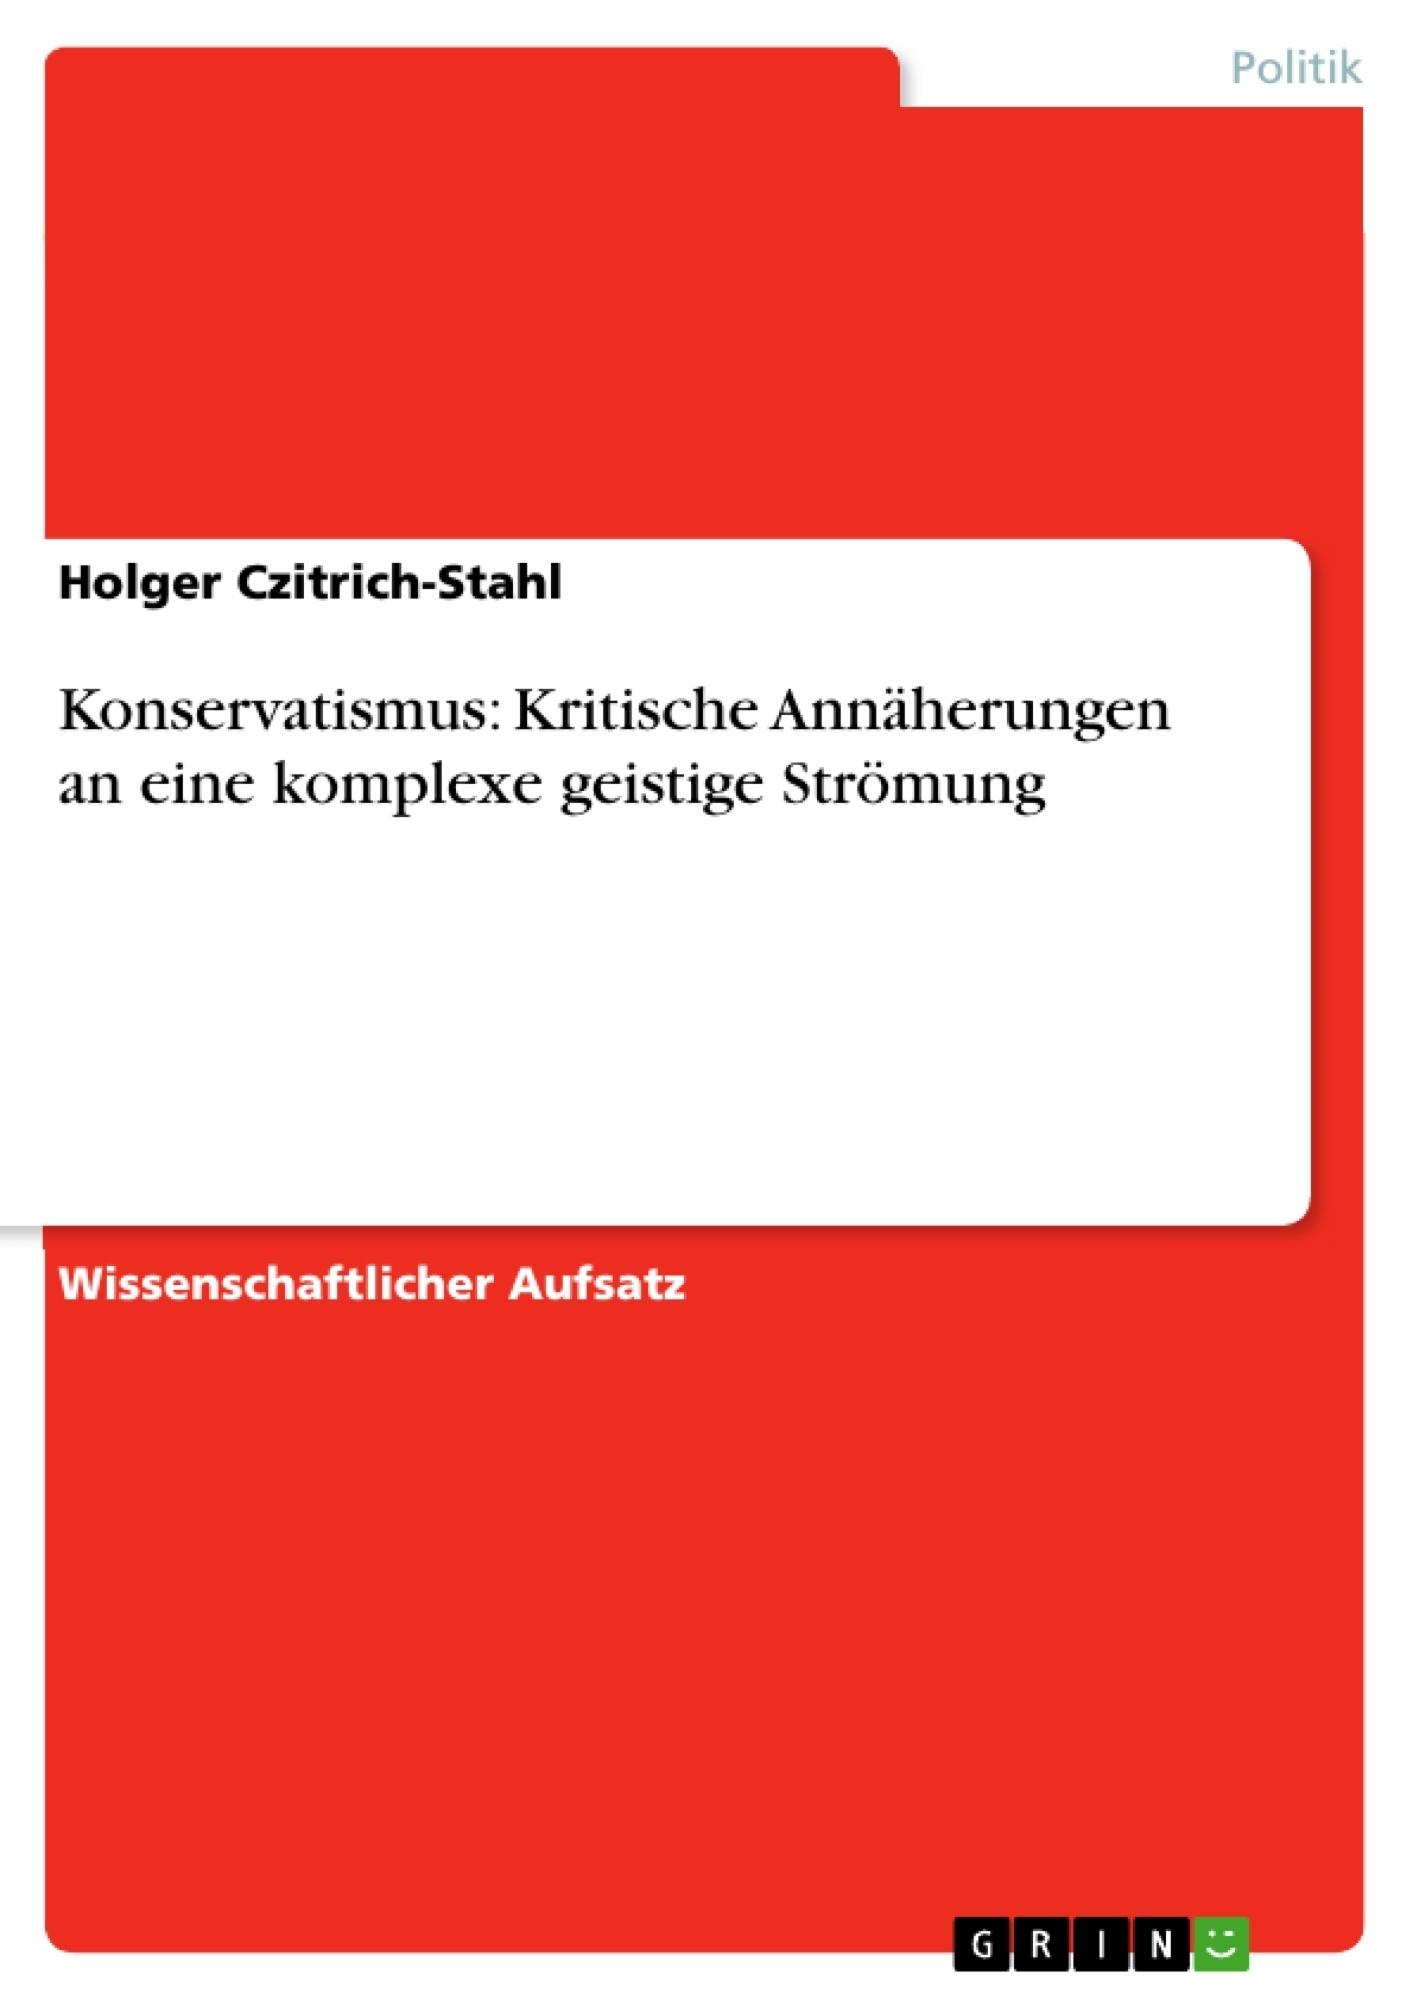 Titel: Konservatismus: Kritische Annäherungen an eine komplexe geistige Strömung